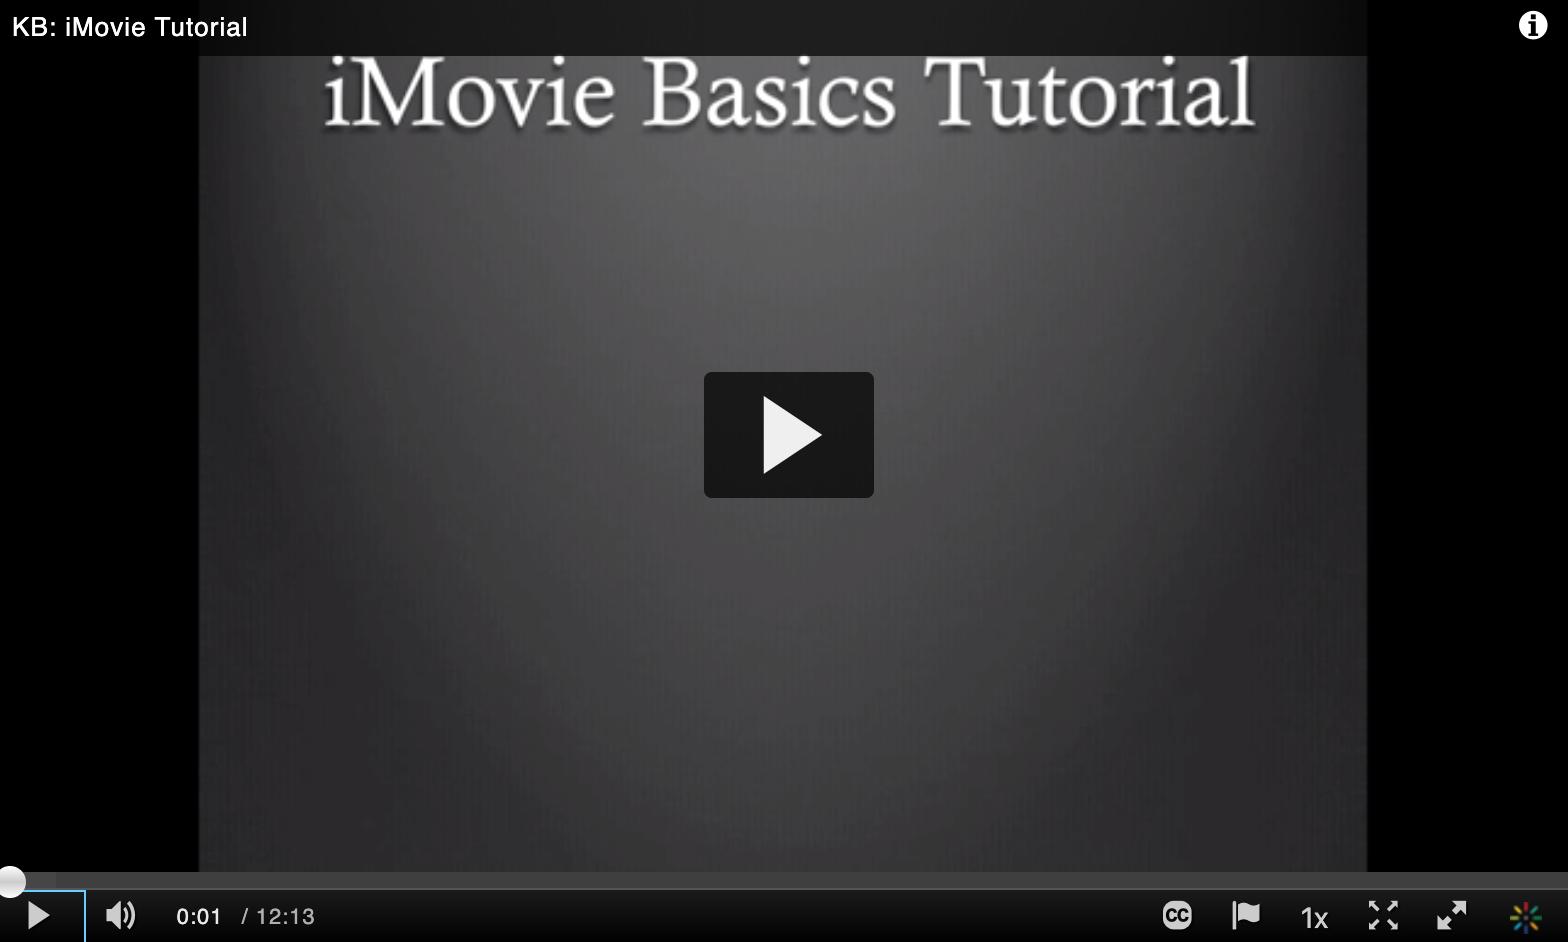 iMovie Tutorial video